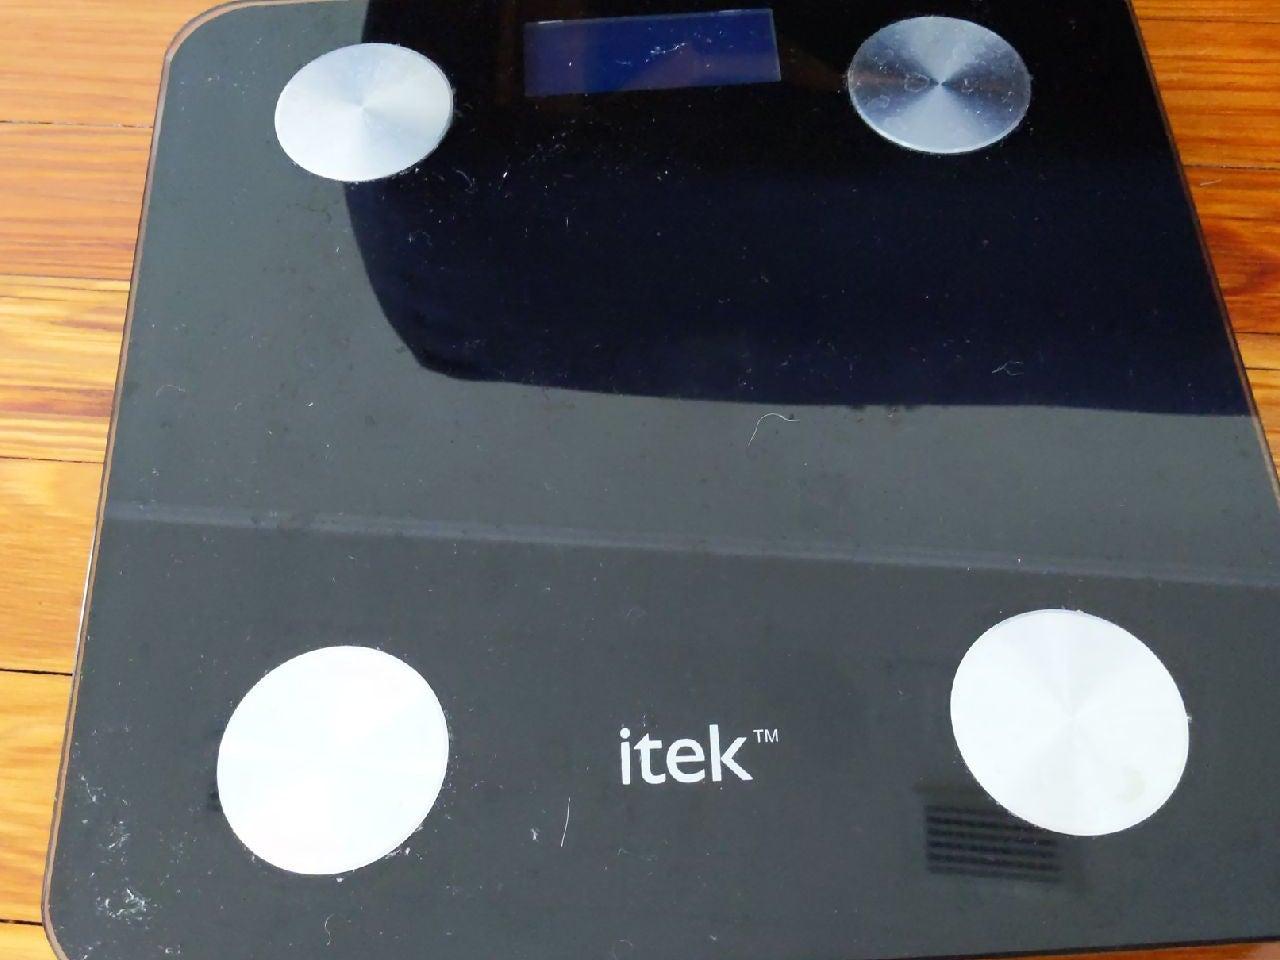 Itek digital scale